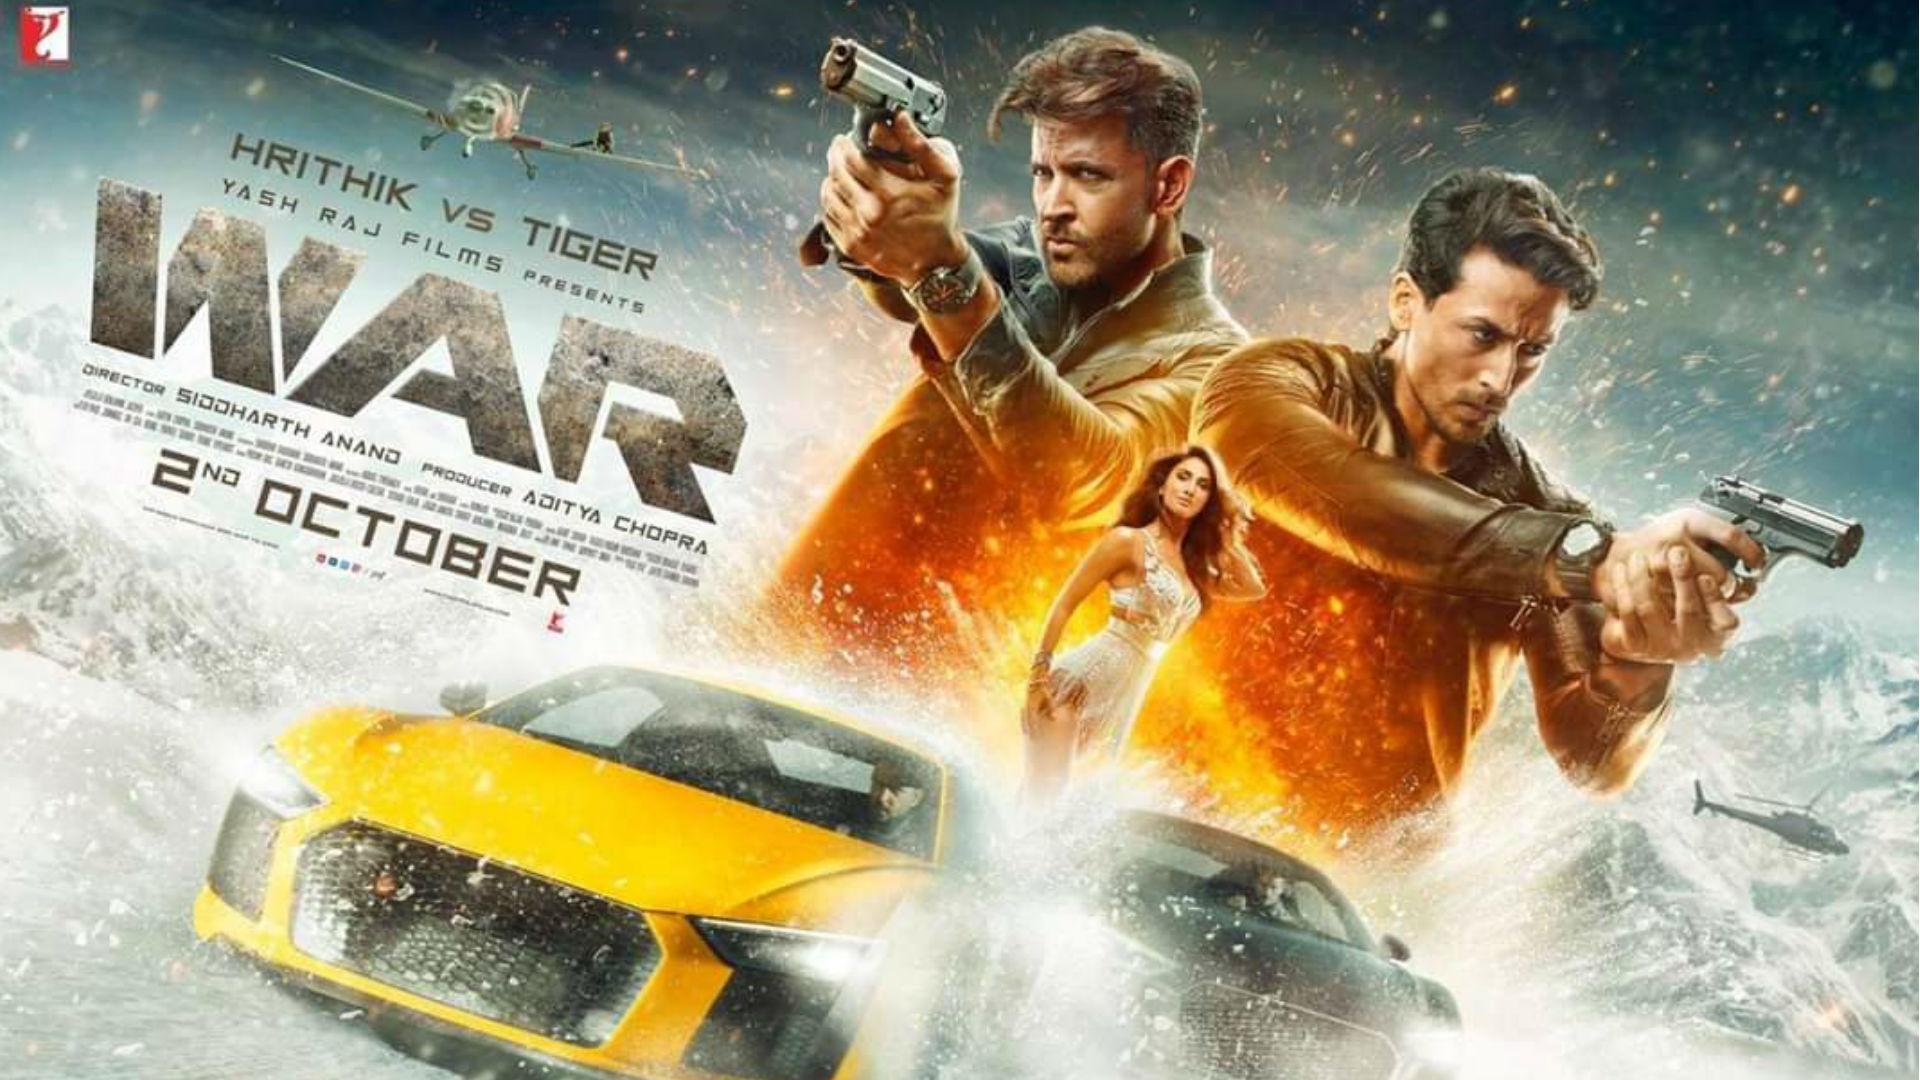 War Movie: फिल्म का फर्स्ट लुक पोस्टर रिलीज, टाइगर श्रॉफ के इस चैलेंज पर ऋतिक रोशन ने दिया ये जवाब